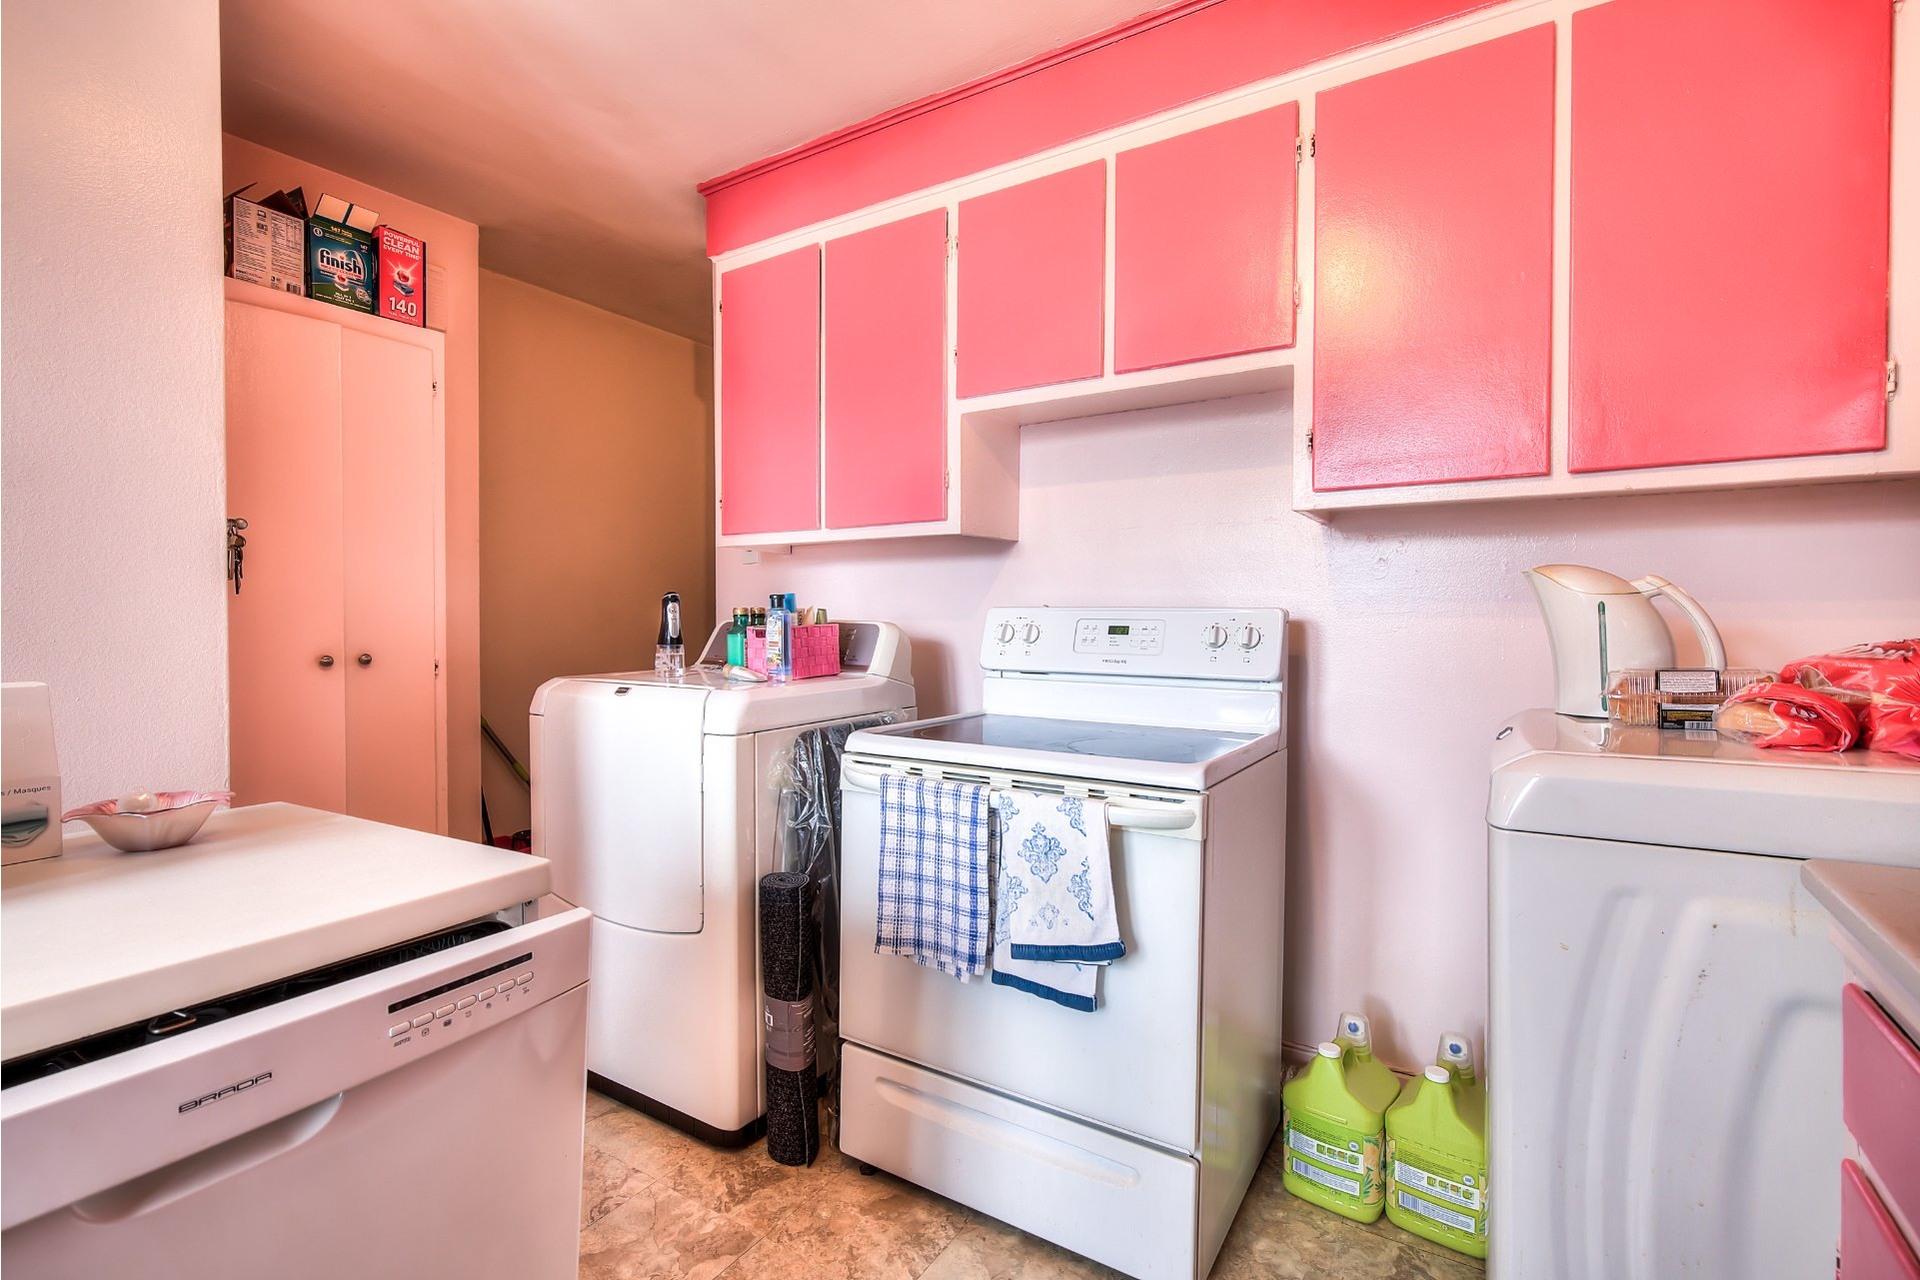 image 27 - Income property For sale Villeray/Saint-Michel/Parc-Extension Montréal  - 4 rooms